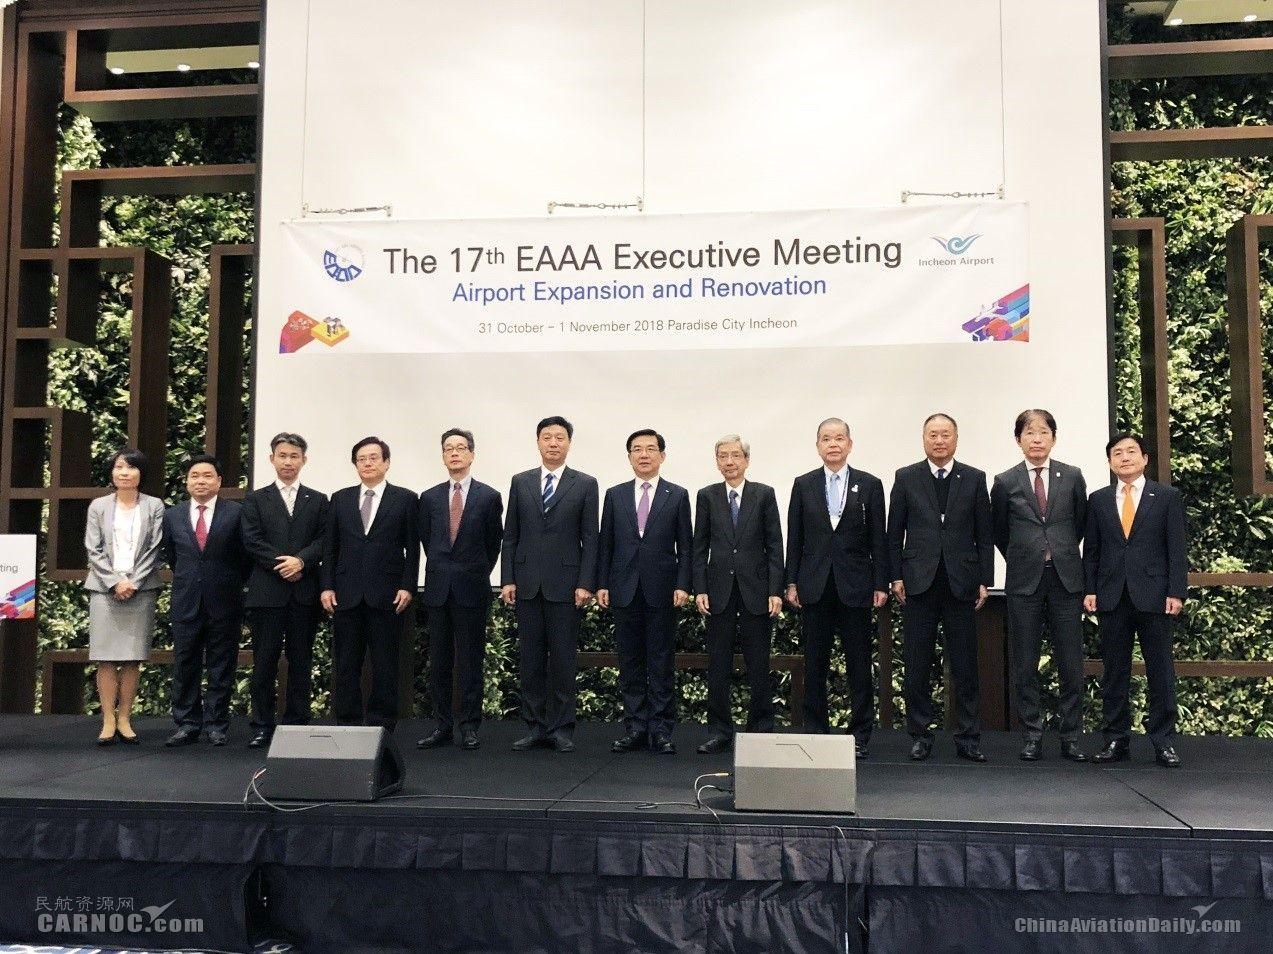 澳门国际机场代表团参加东亚机场联盟年度会议